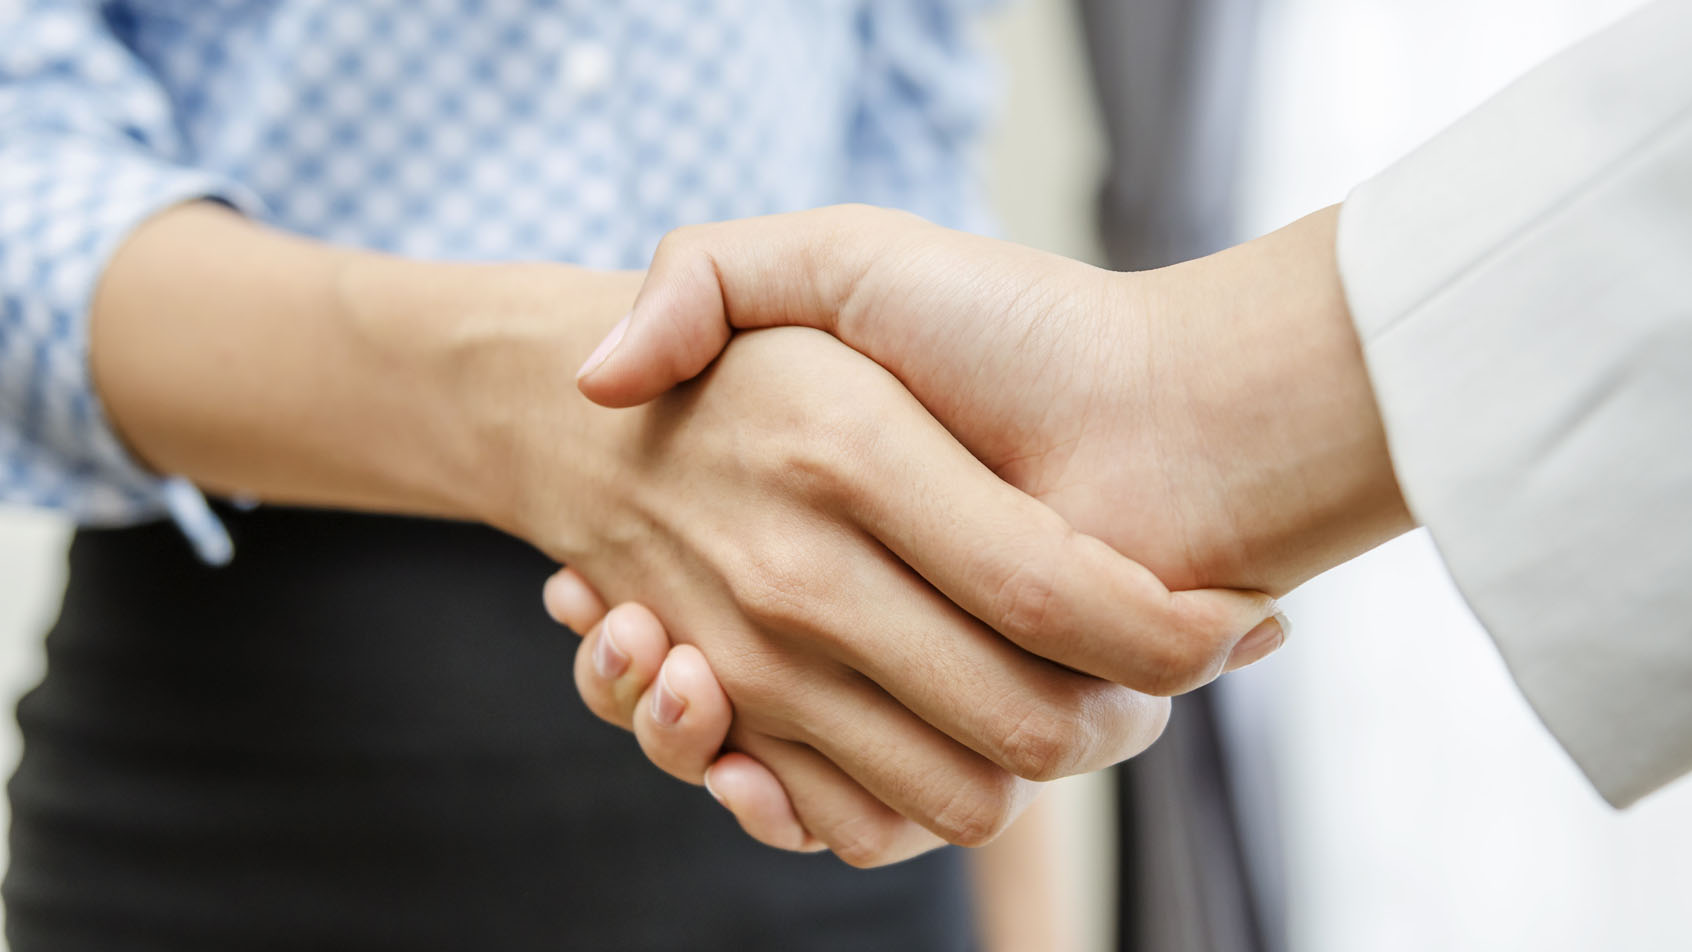 jak pielęgnować dłonie i paznokcie w domu